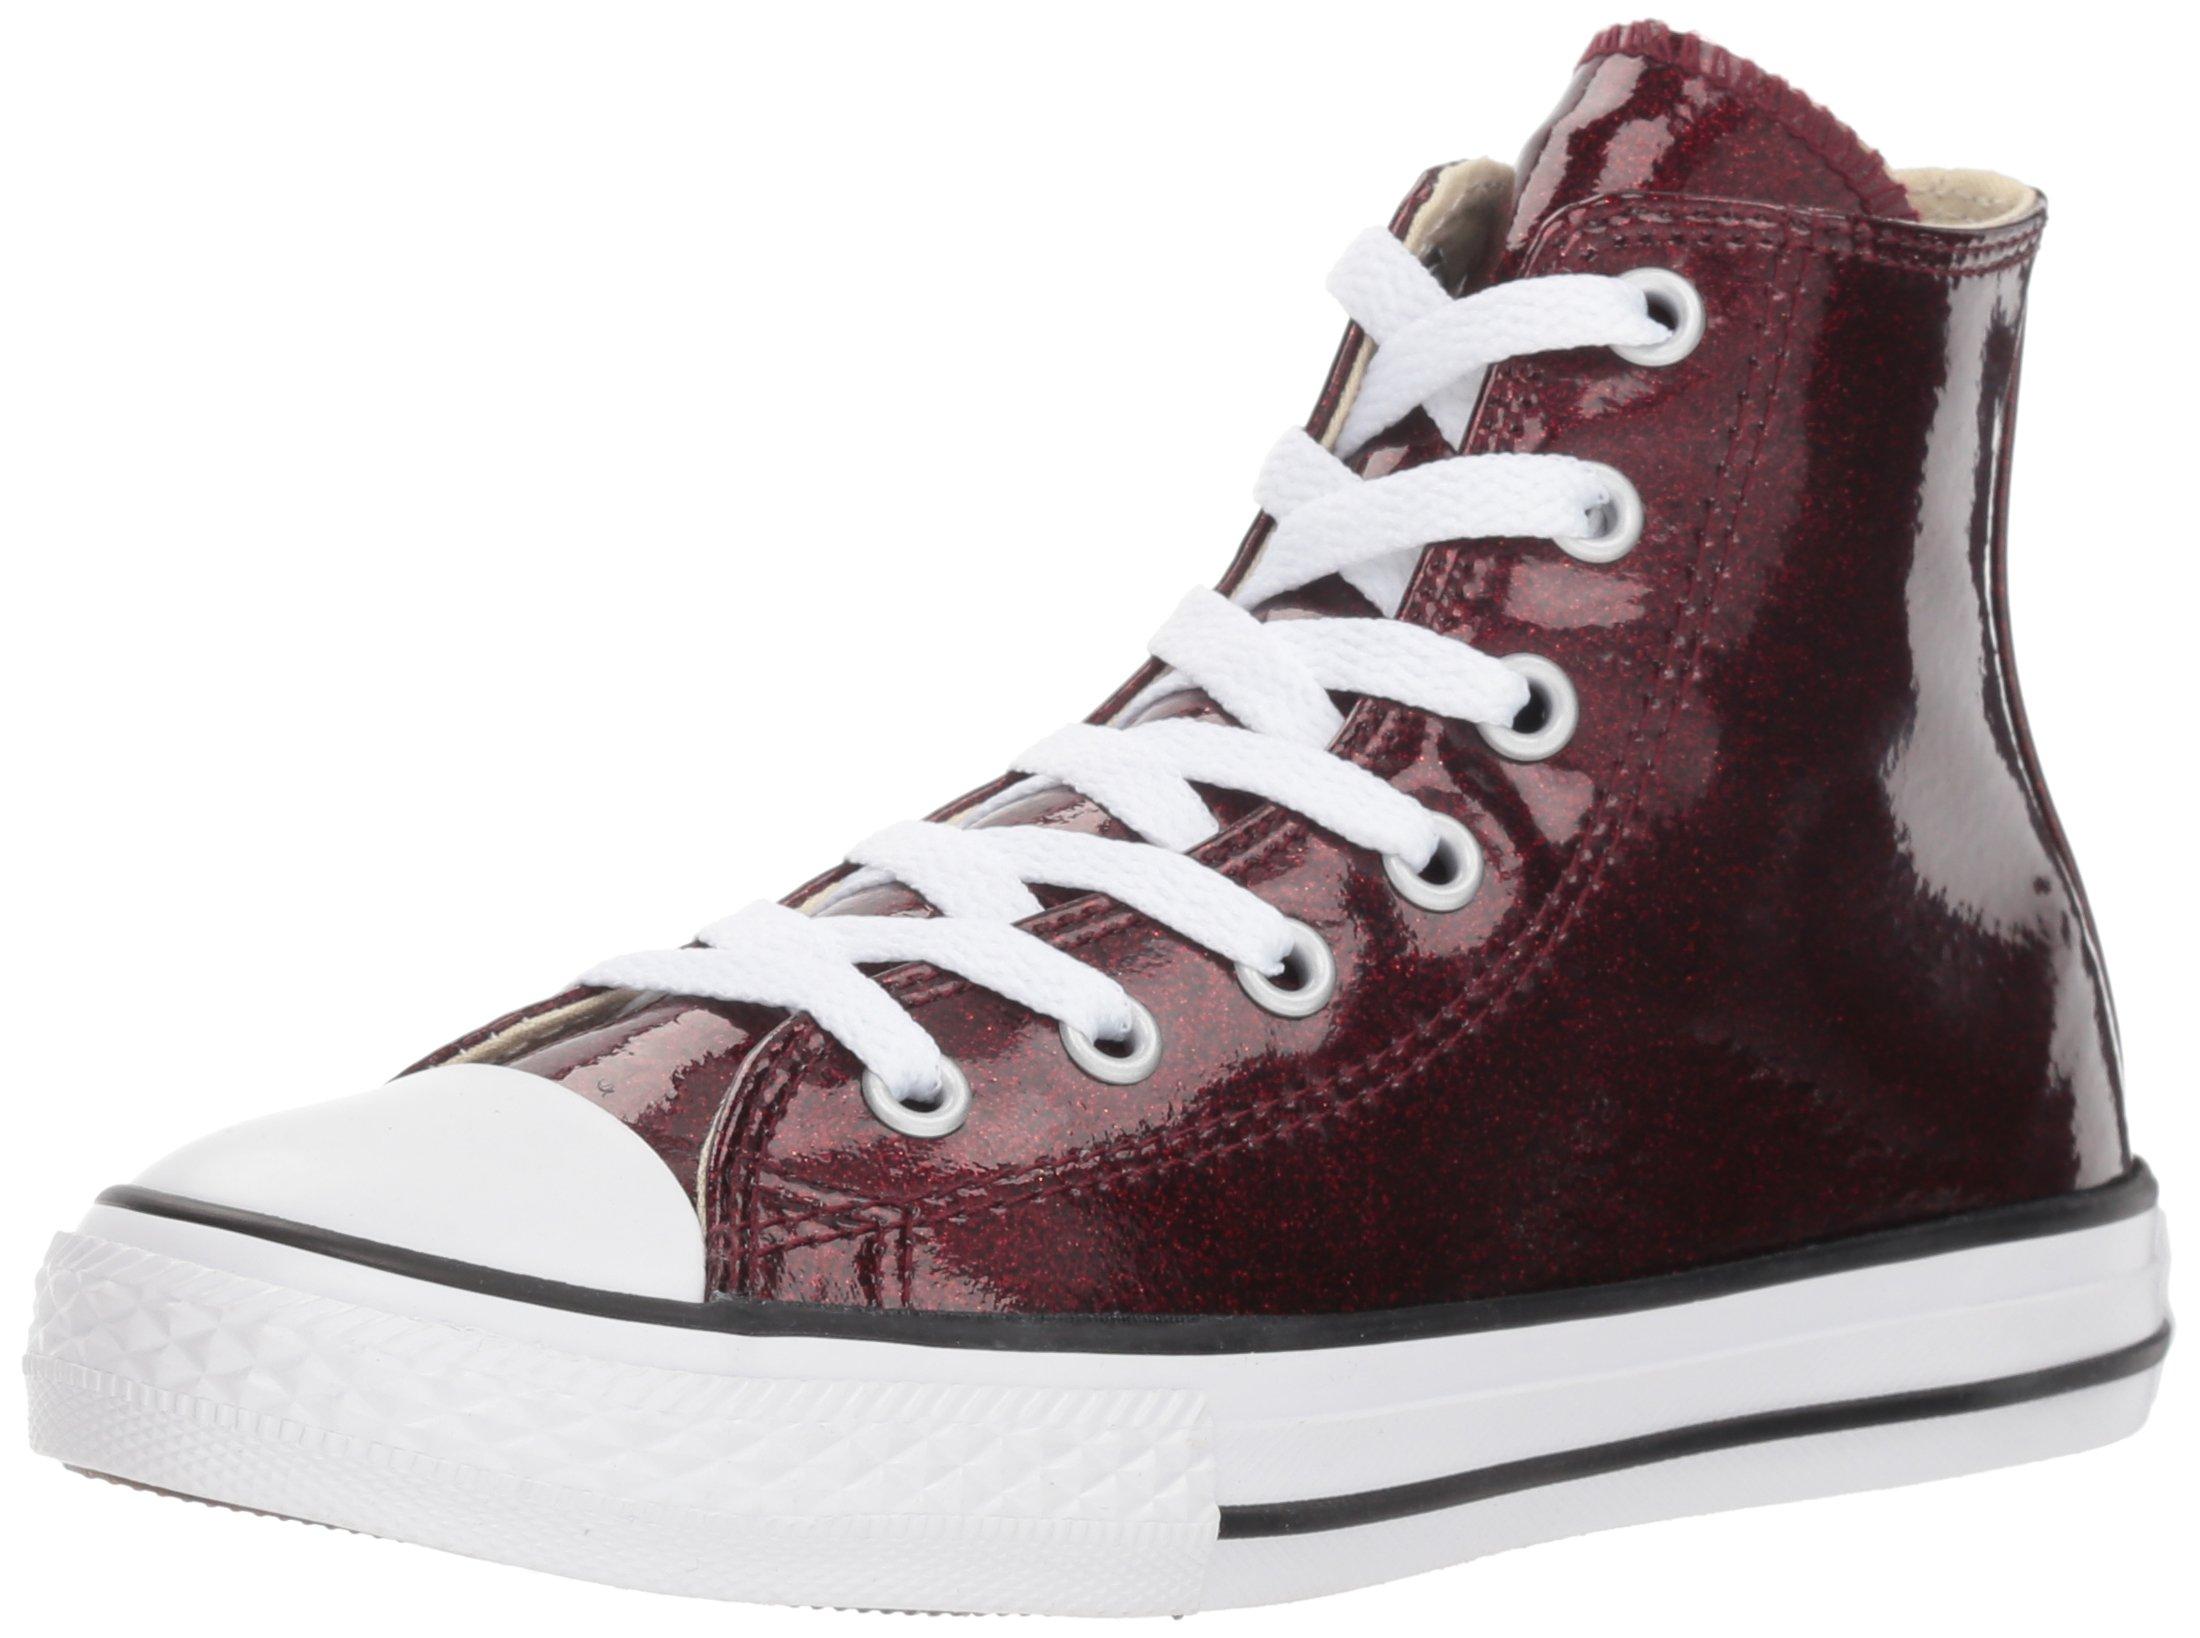 Converse Girls' Chuck Taylor All Star Glitter High Top Sneaker, BrickNatural, 2 M US Little Kid